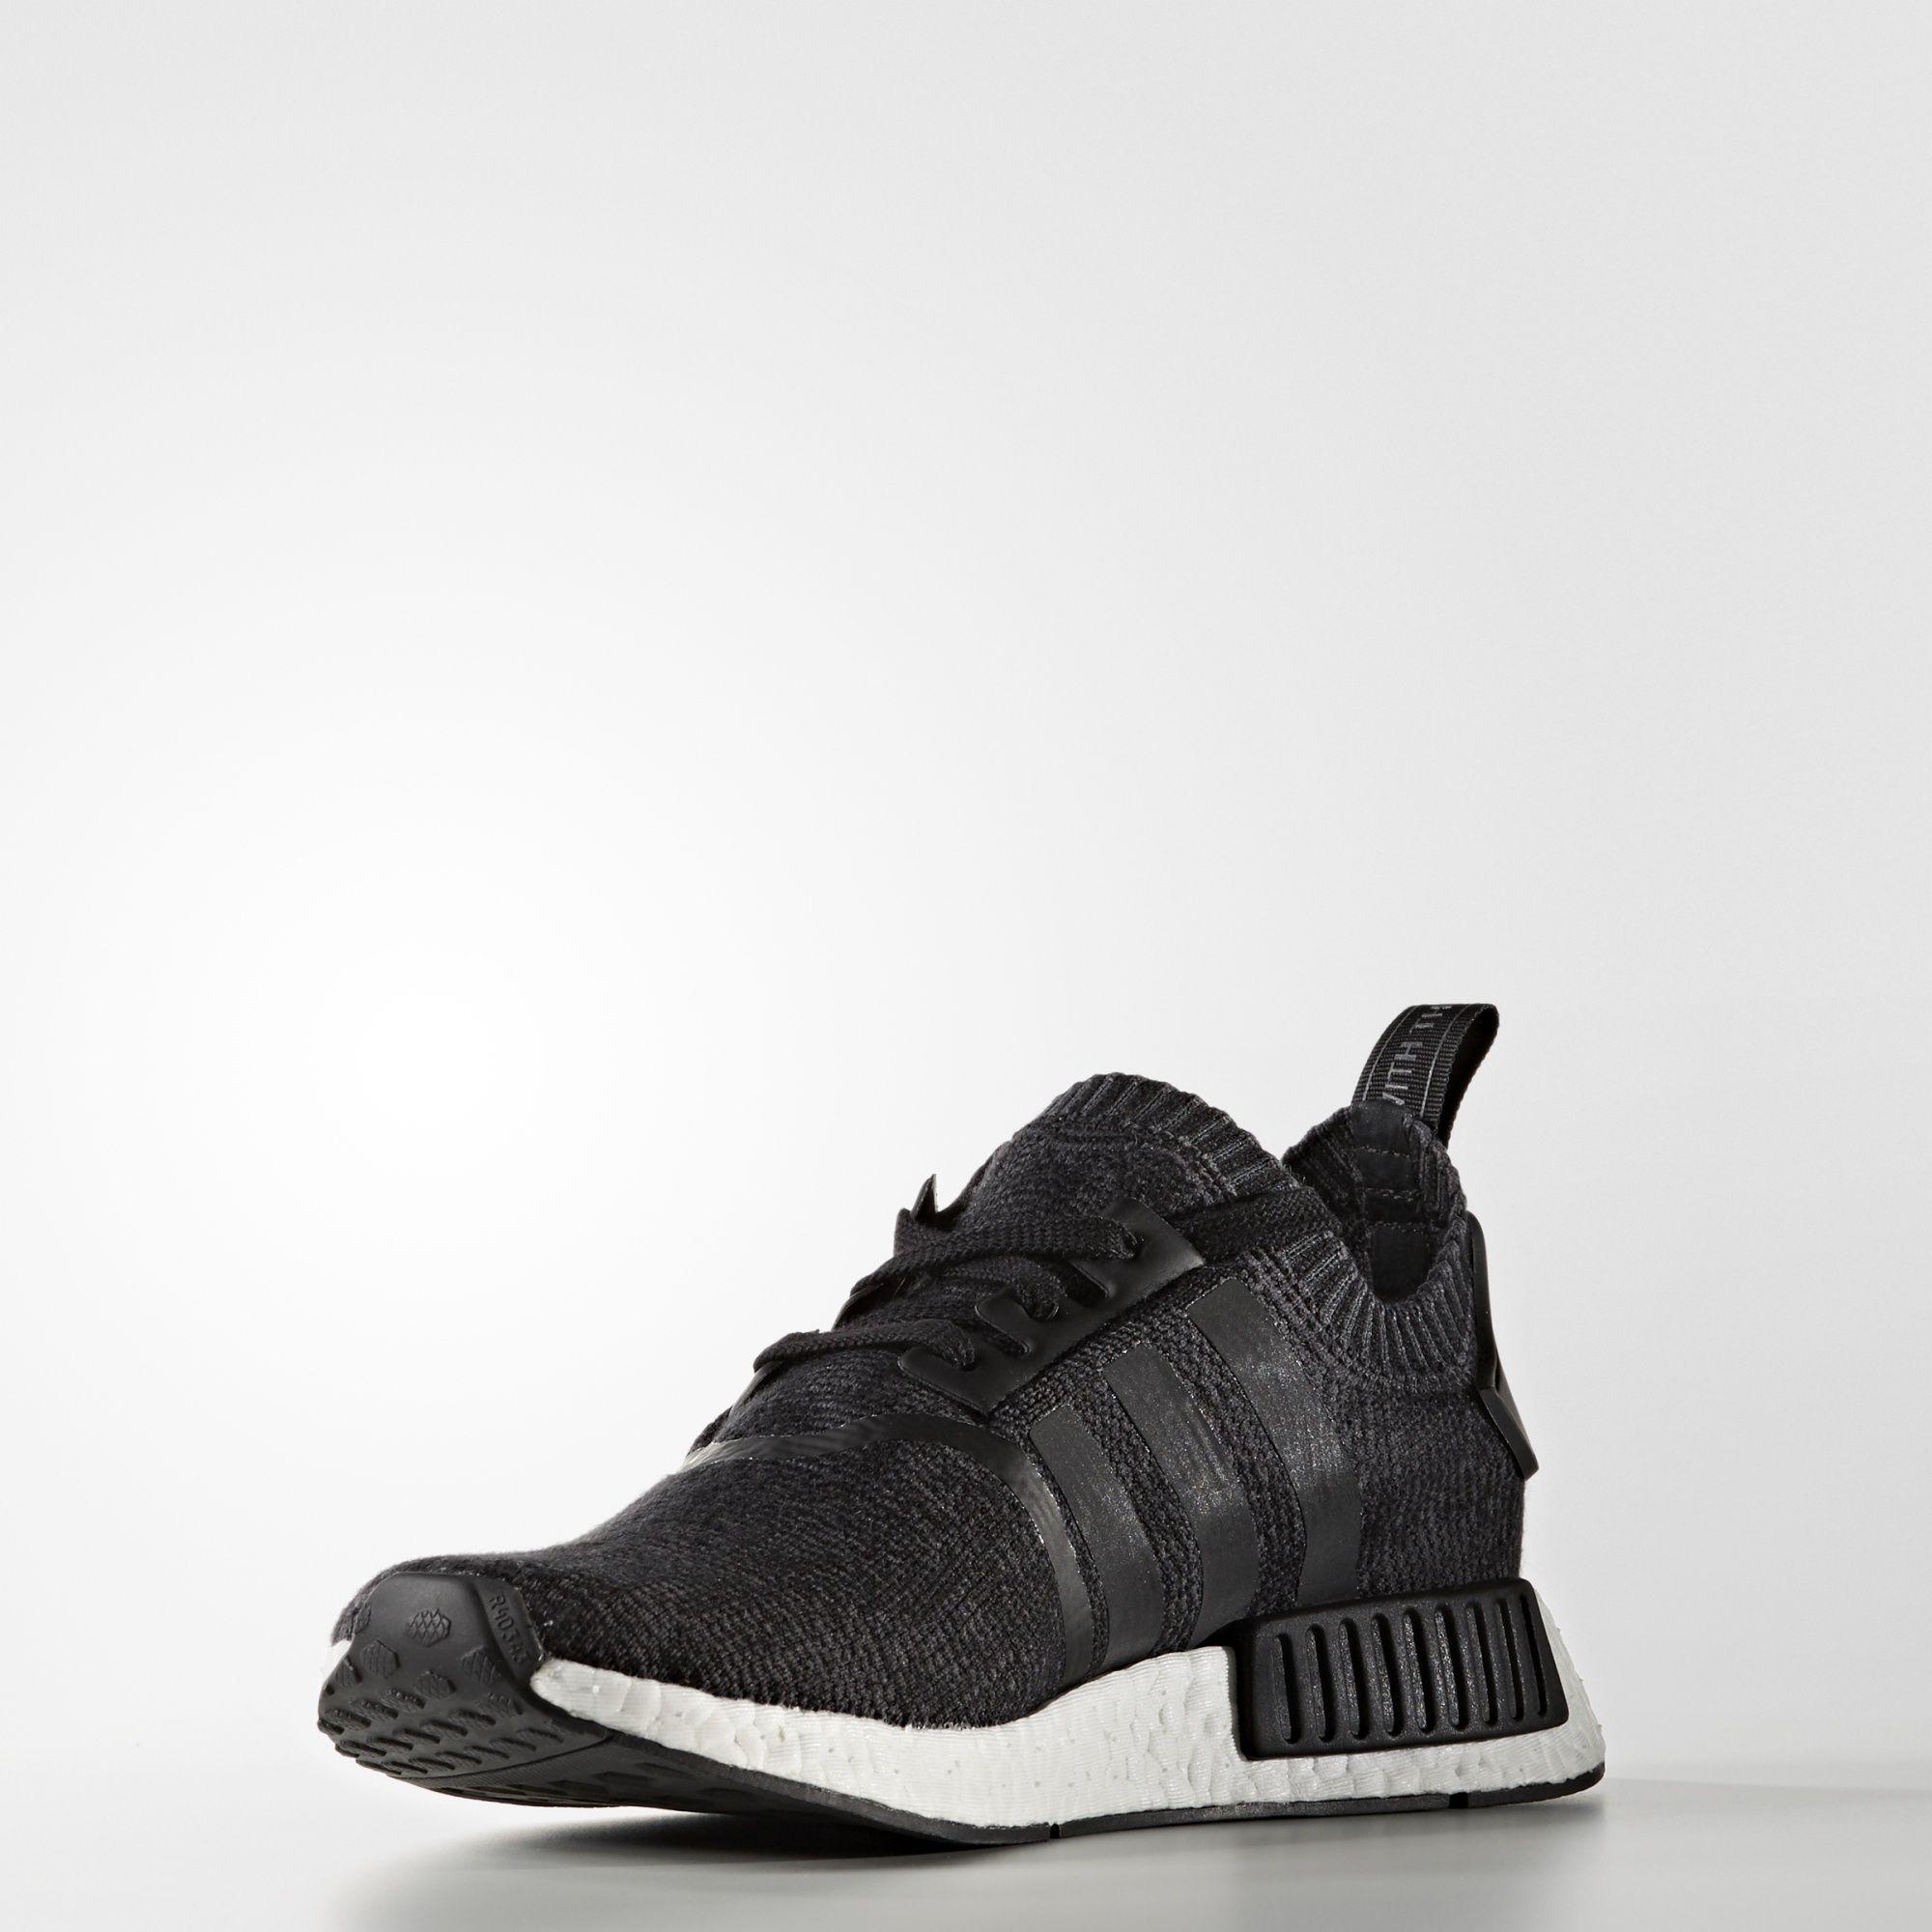 427d0b25e6b08 adidas - NMD R1 Primeknit Shoes